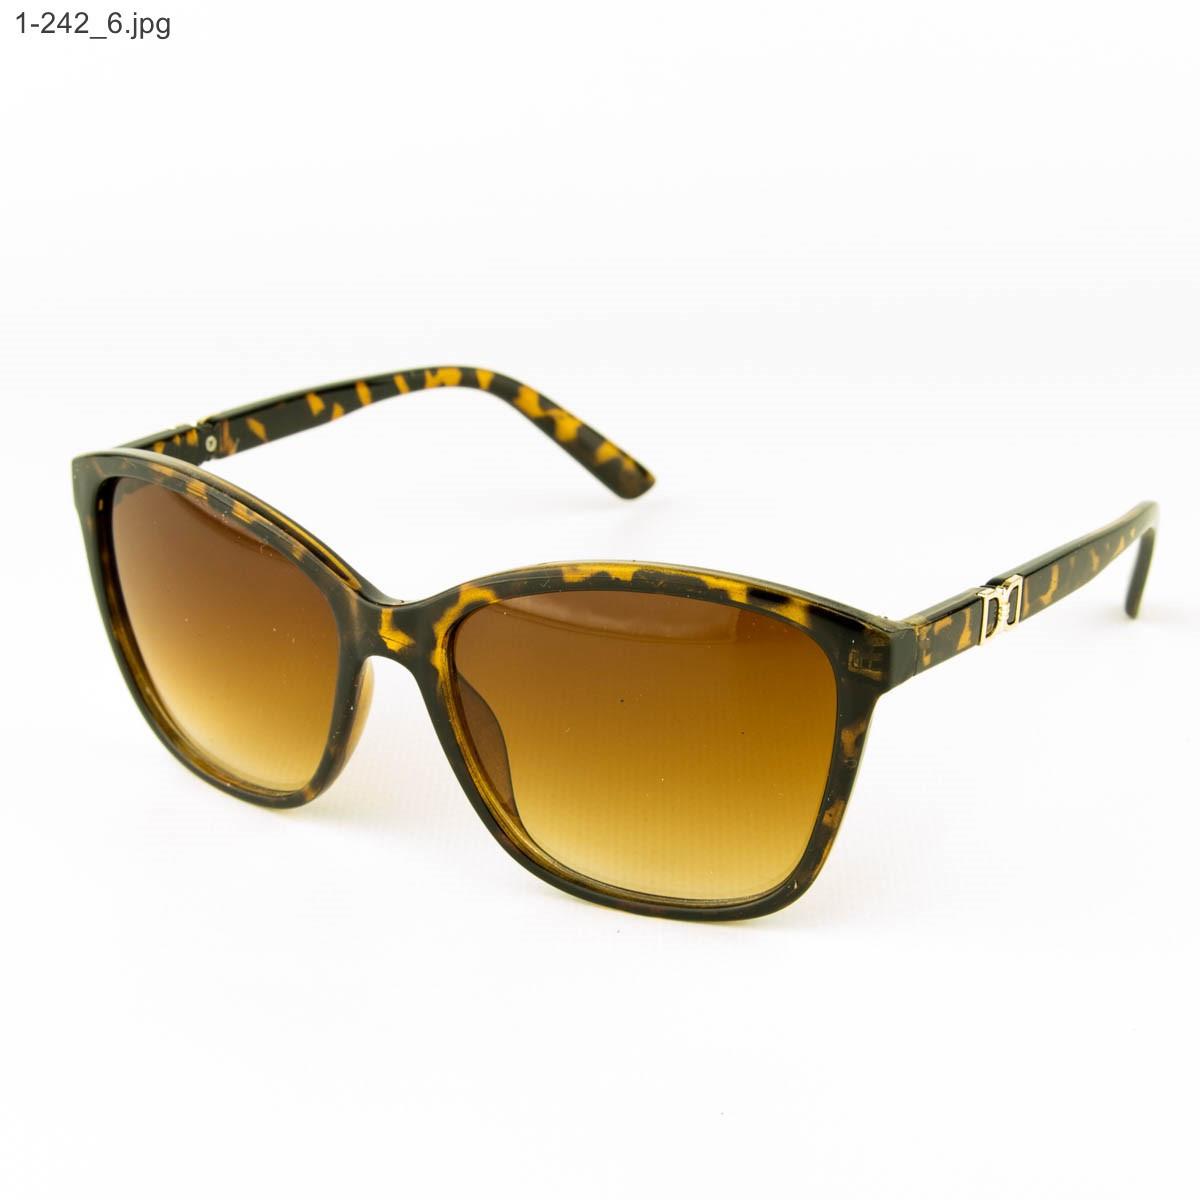 Оптом очки солнцезащитные женские - леопардовые - 1-242